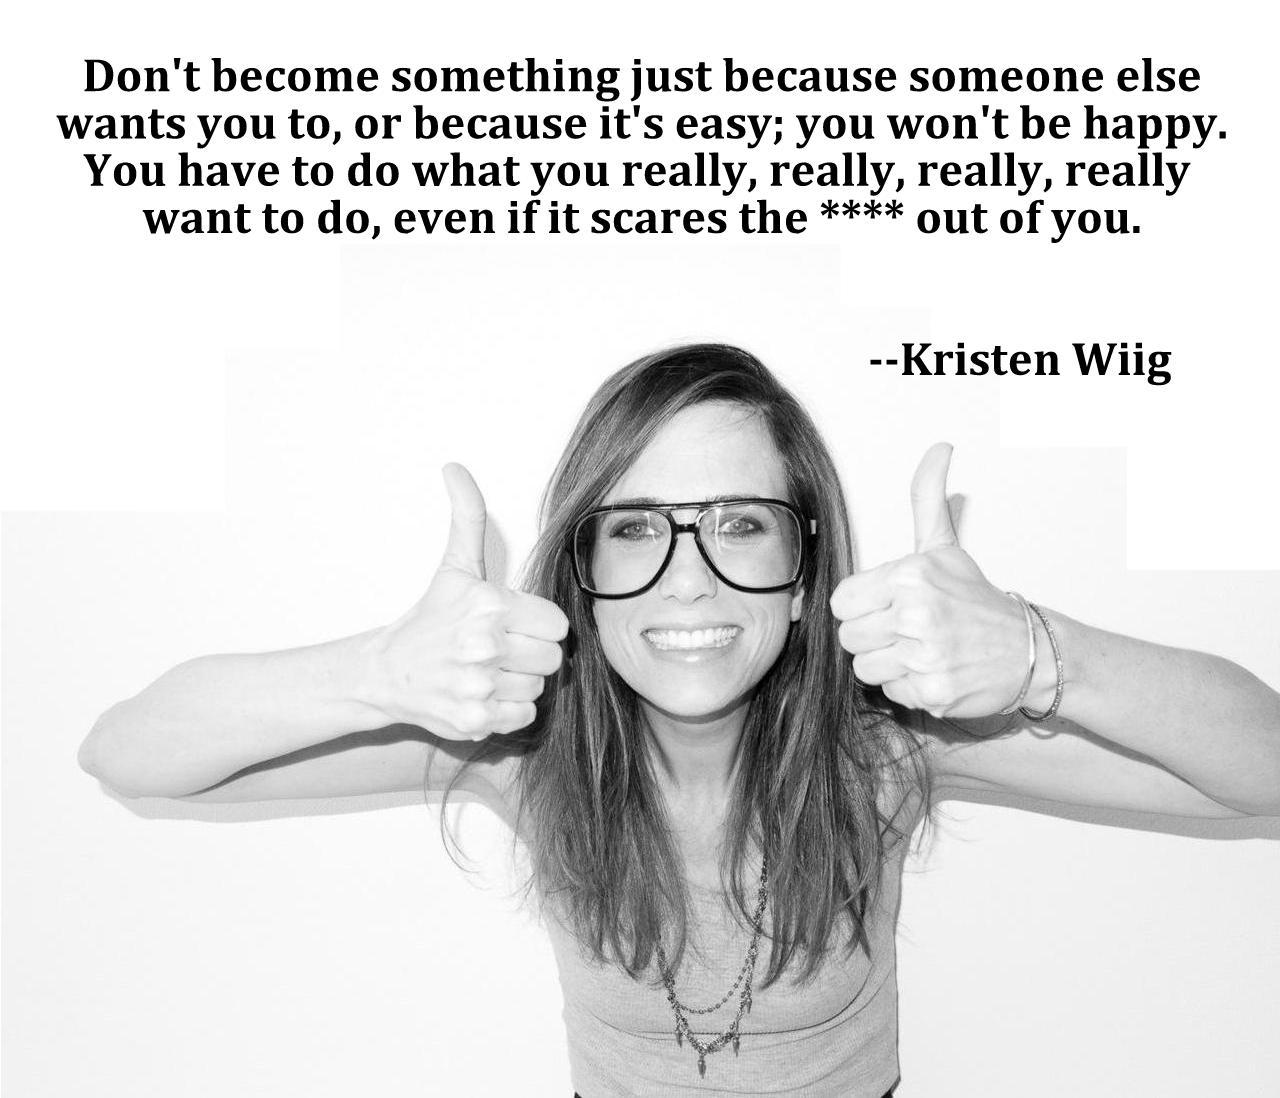 Kristen Wiig's quote